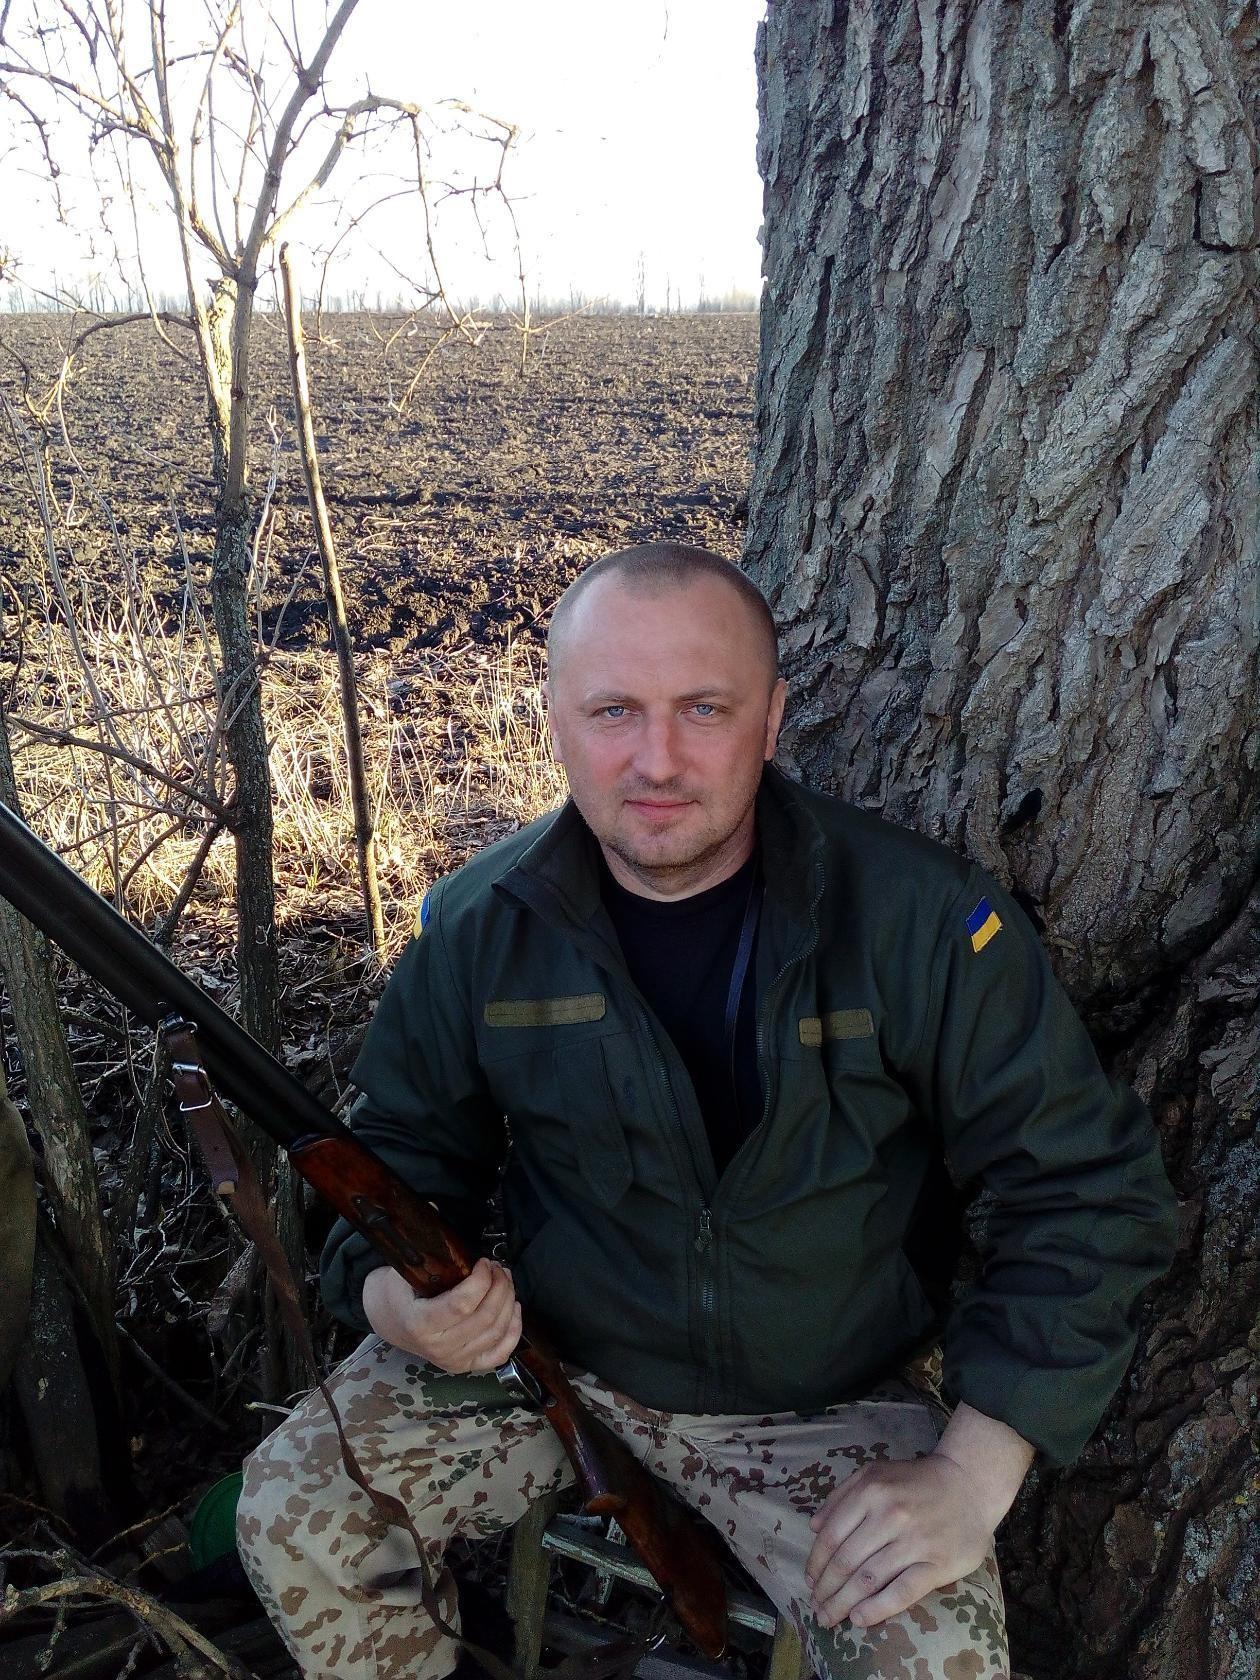 Полицейский Николай Ермолаев. Фото: соцсети